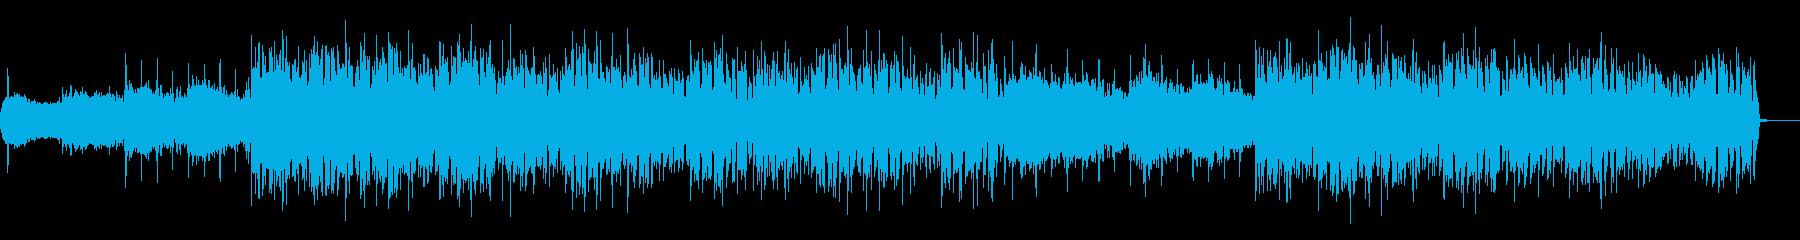 不気味なボイスのトリップホップの再生済みの波形